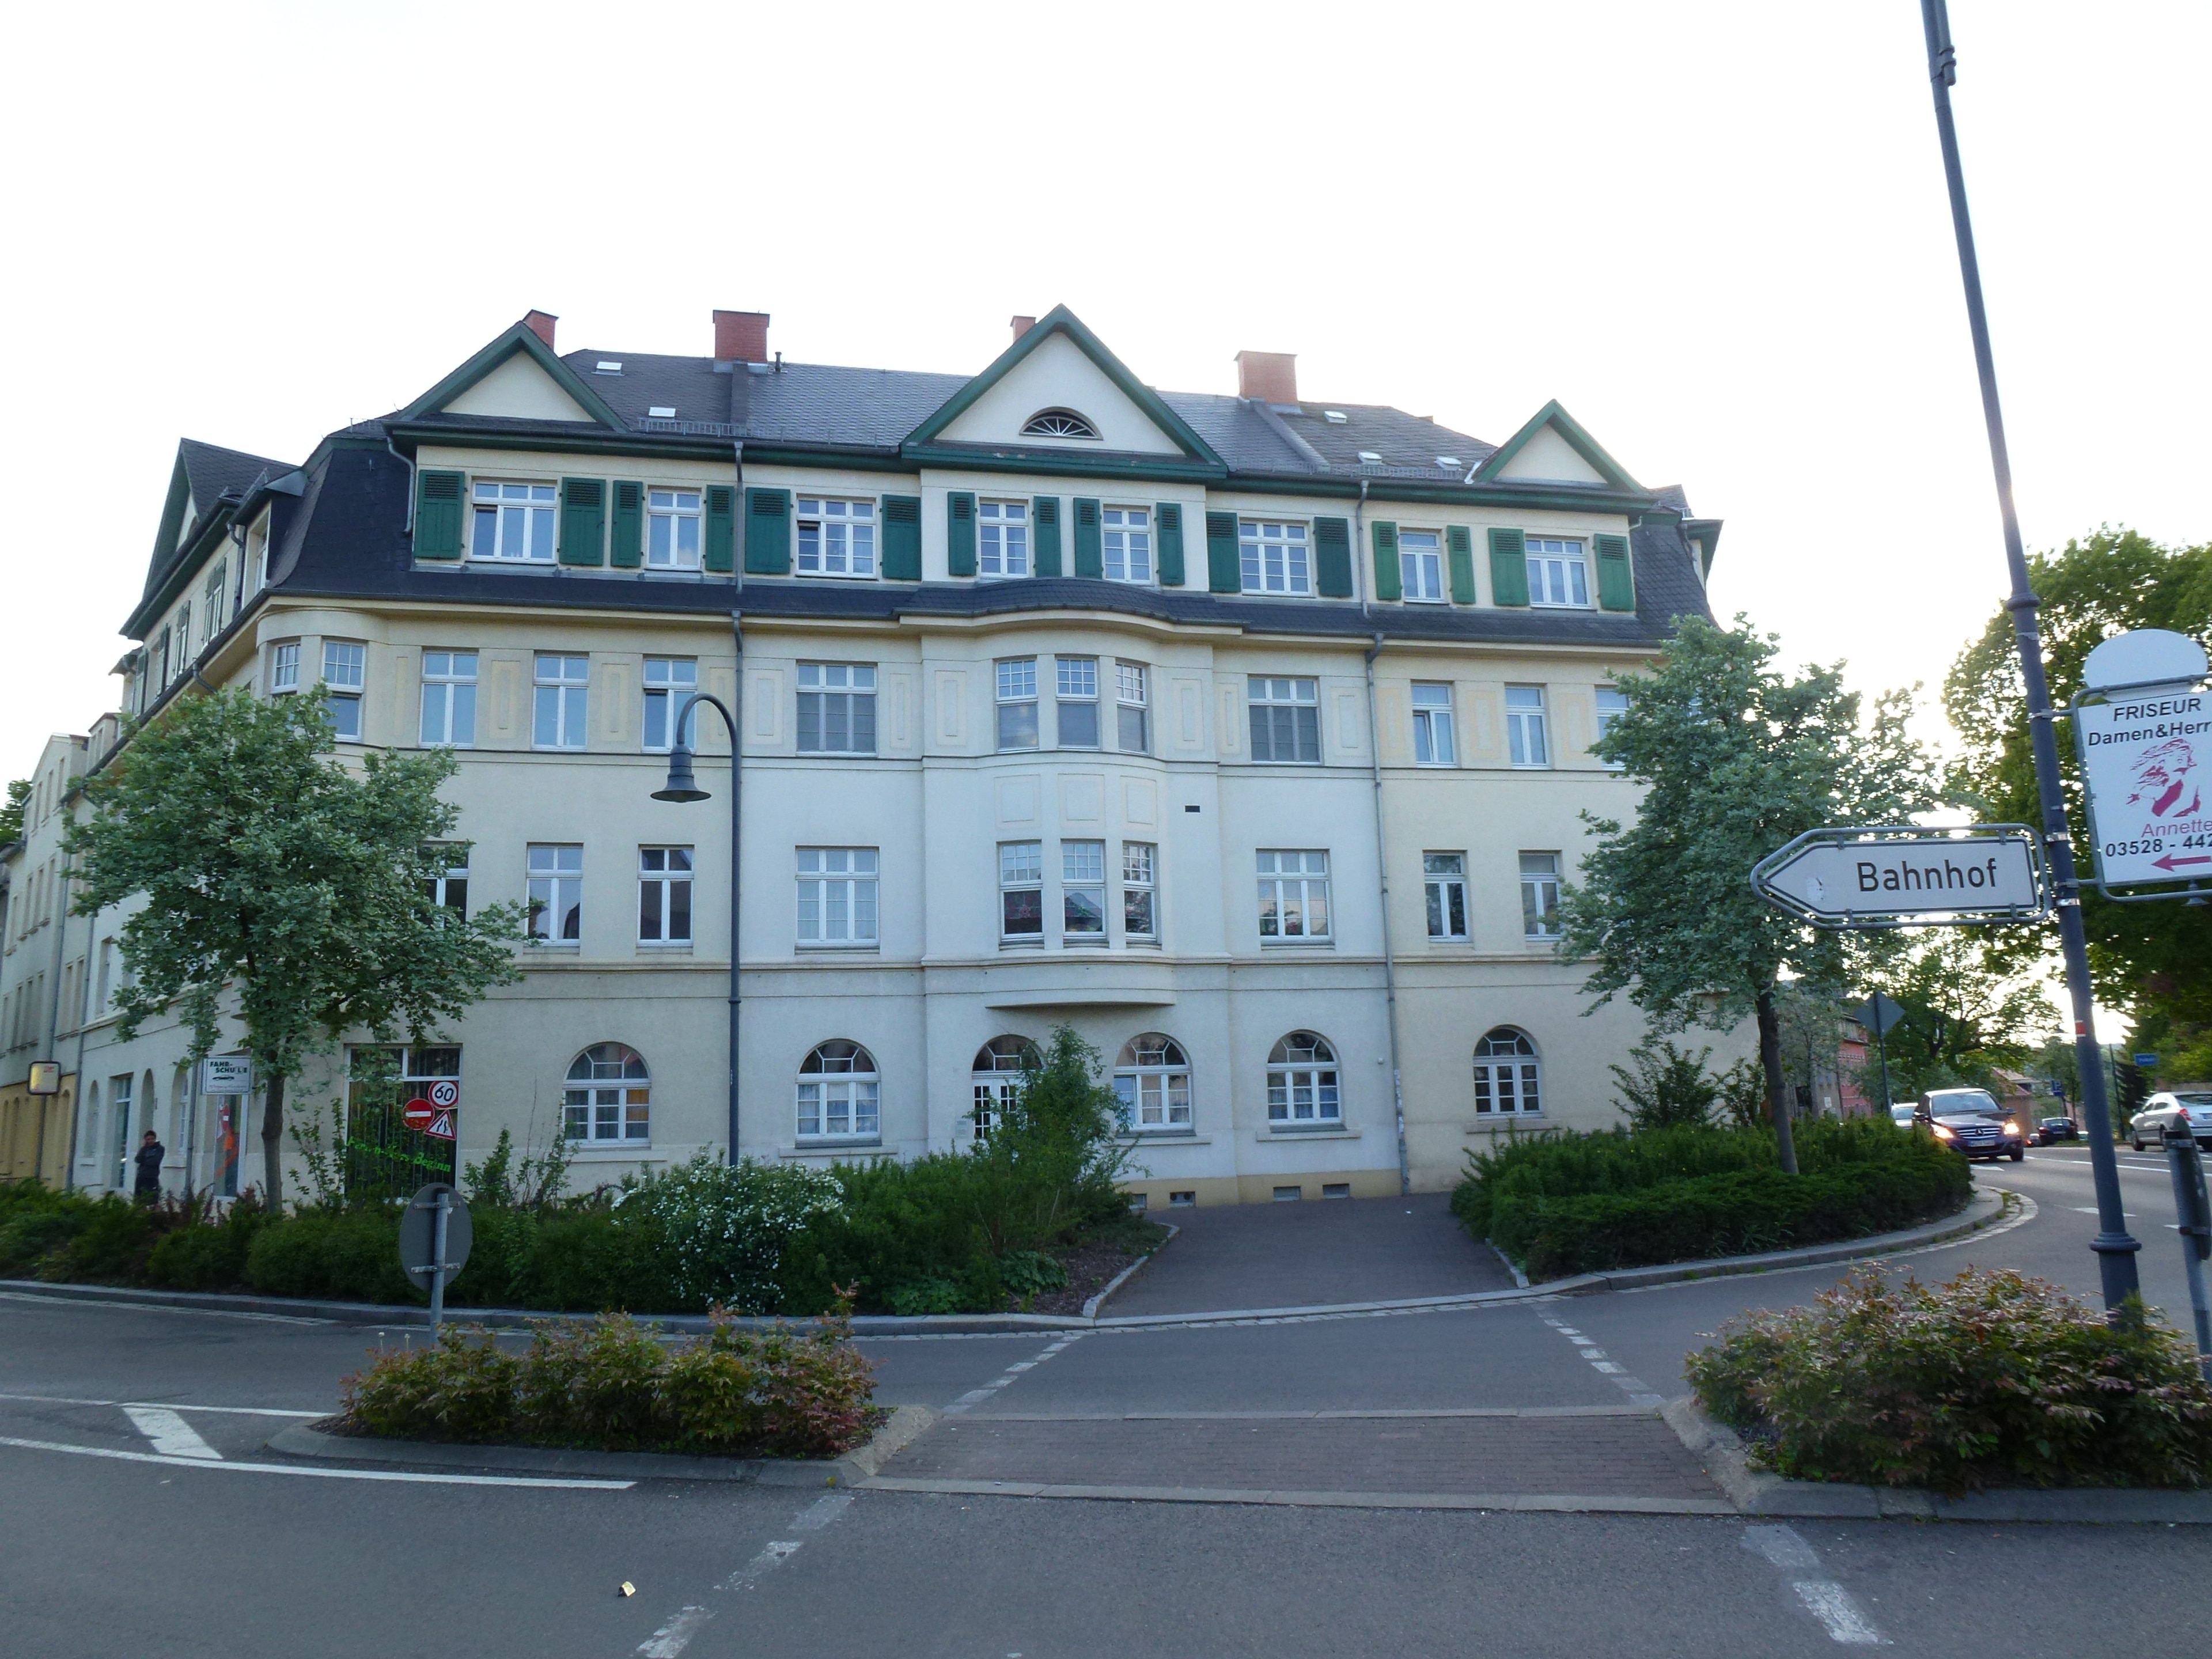 Radeberg, Saxony, Germany